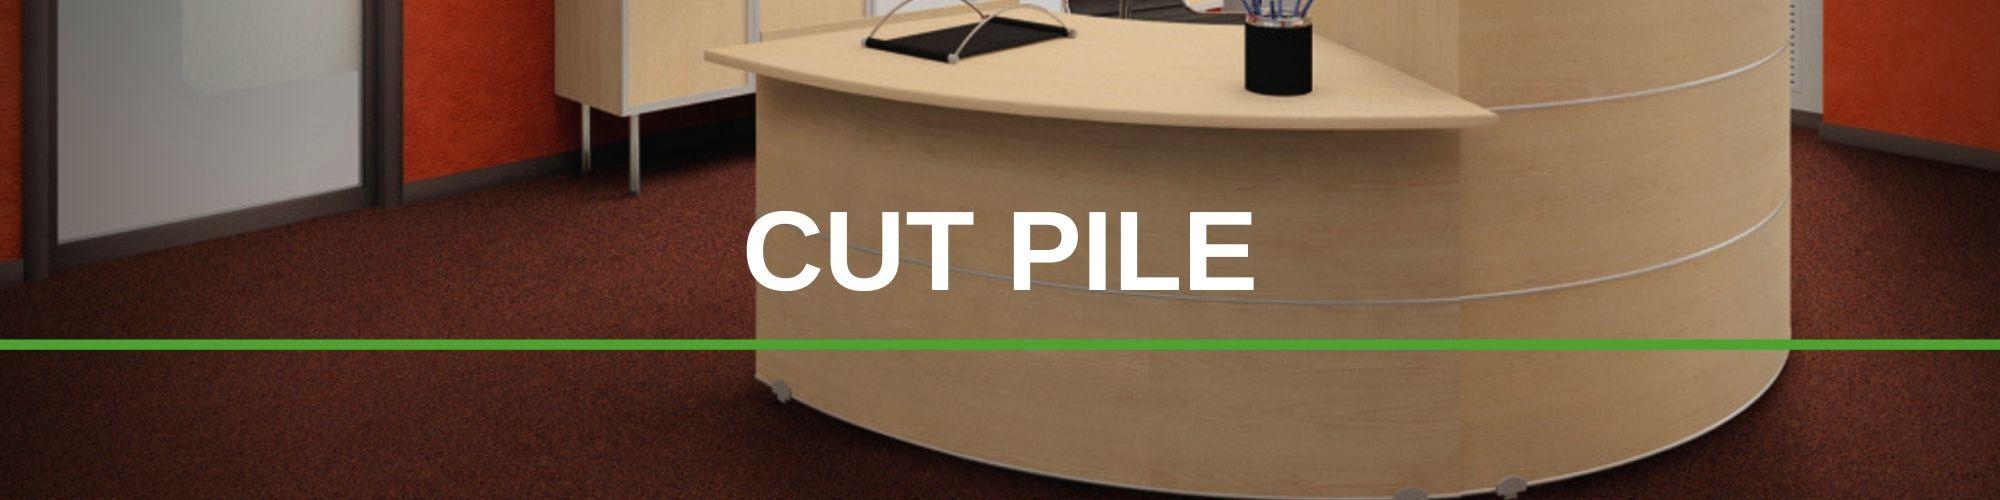 CUT PILE | Paragon Carpet Tiles | Commercial Carpet Tiles